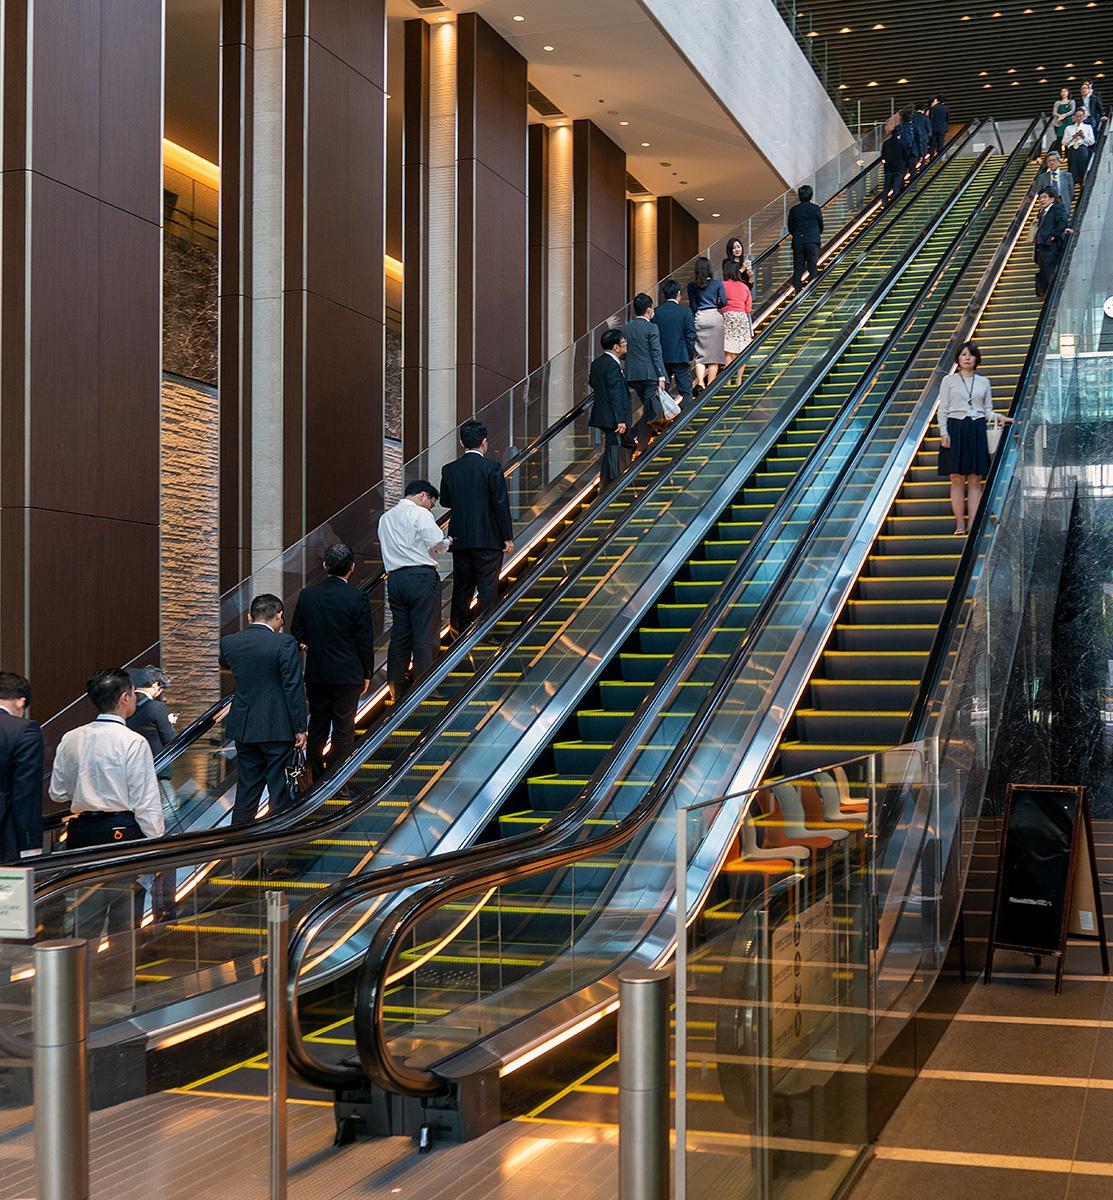 Rolltreppe in einem Geschäftshaus in Tokyo